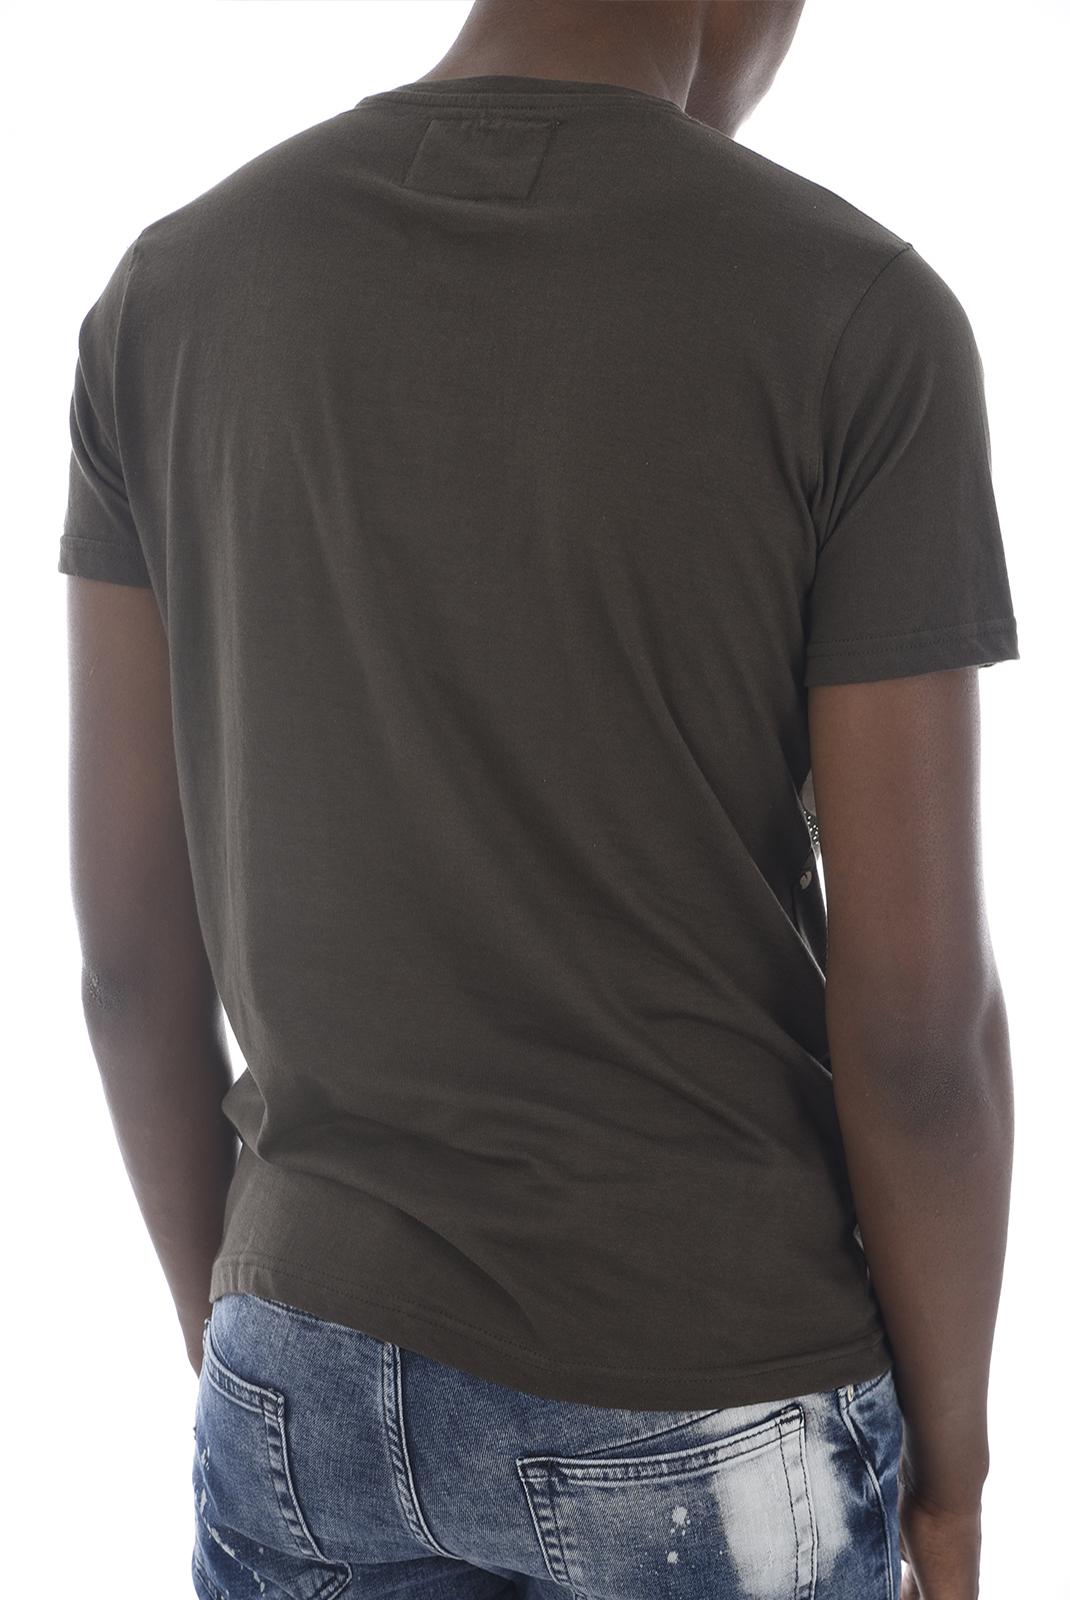 Tee-shirts  Hite couture MOMER KAKI